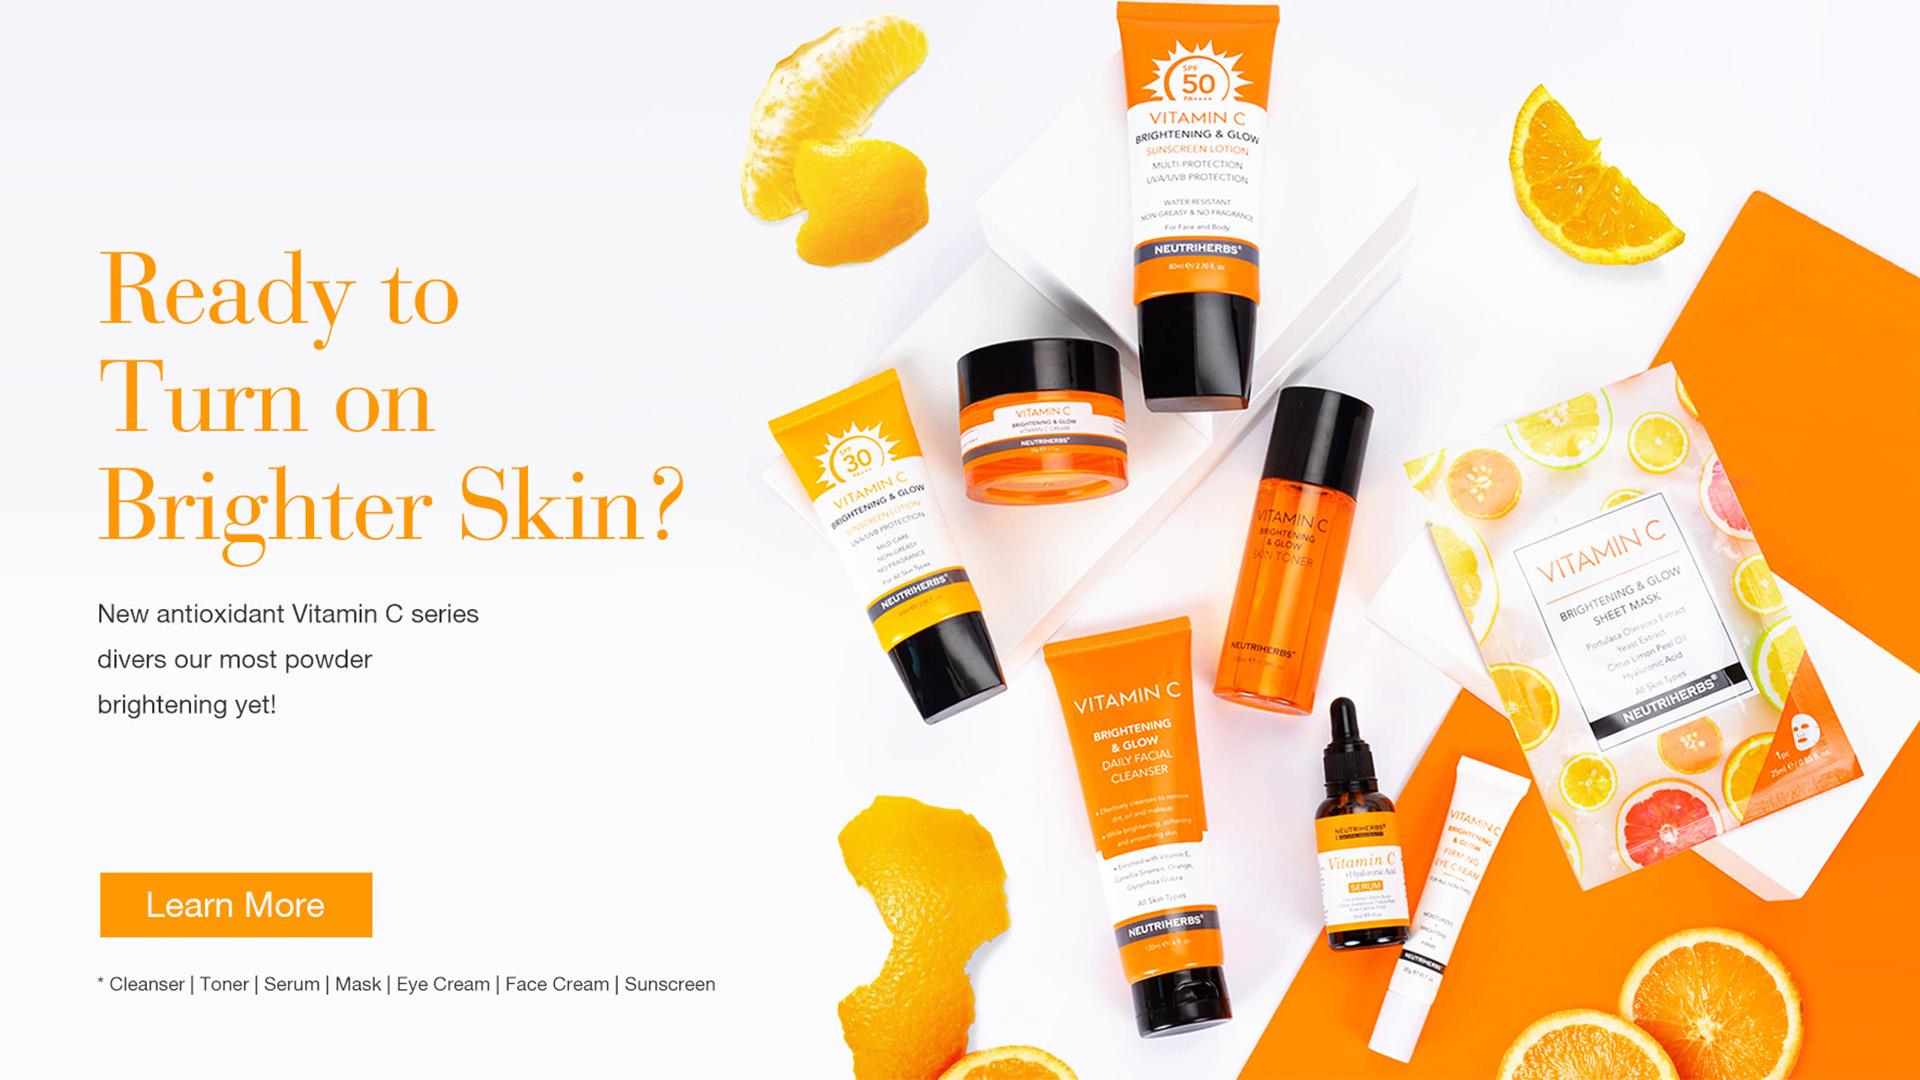 सौंदर्य जैविक त्वचा ब्राइटनिंग चमकती चमक Whitening चेहरा विटामिन सी क्रीम